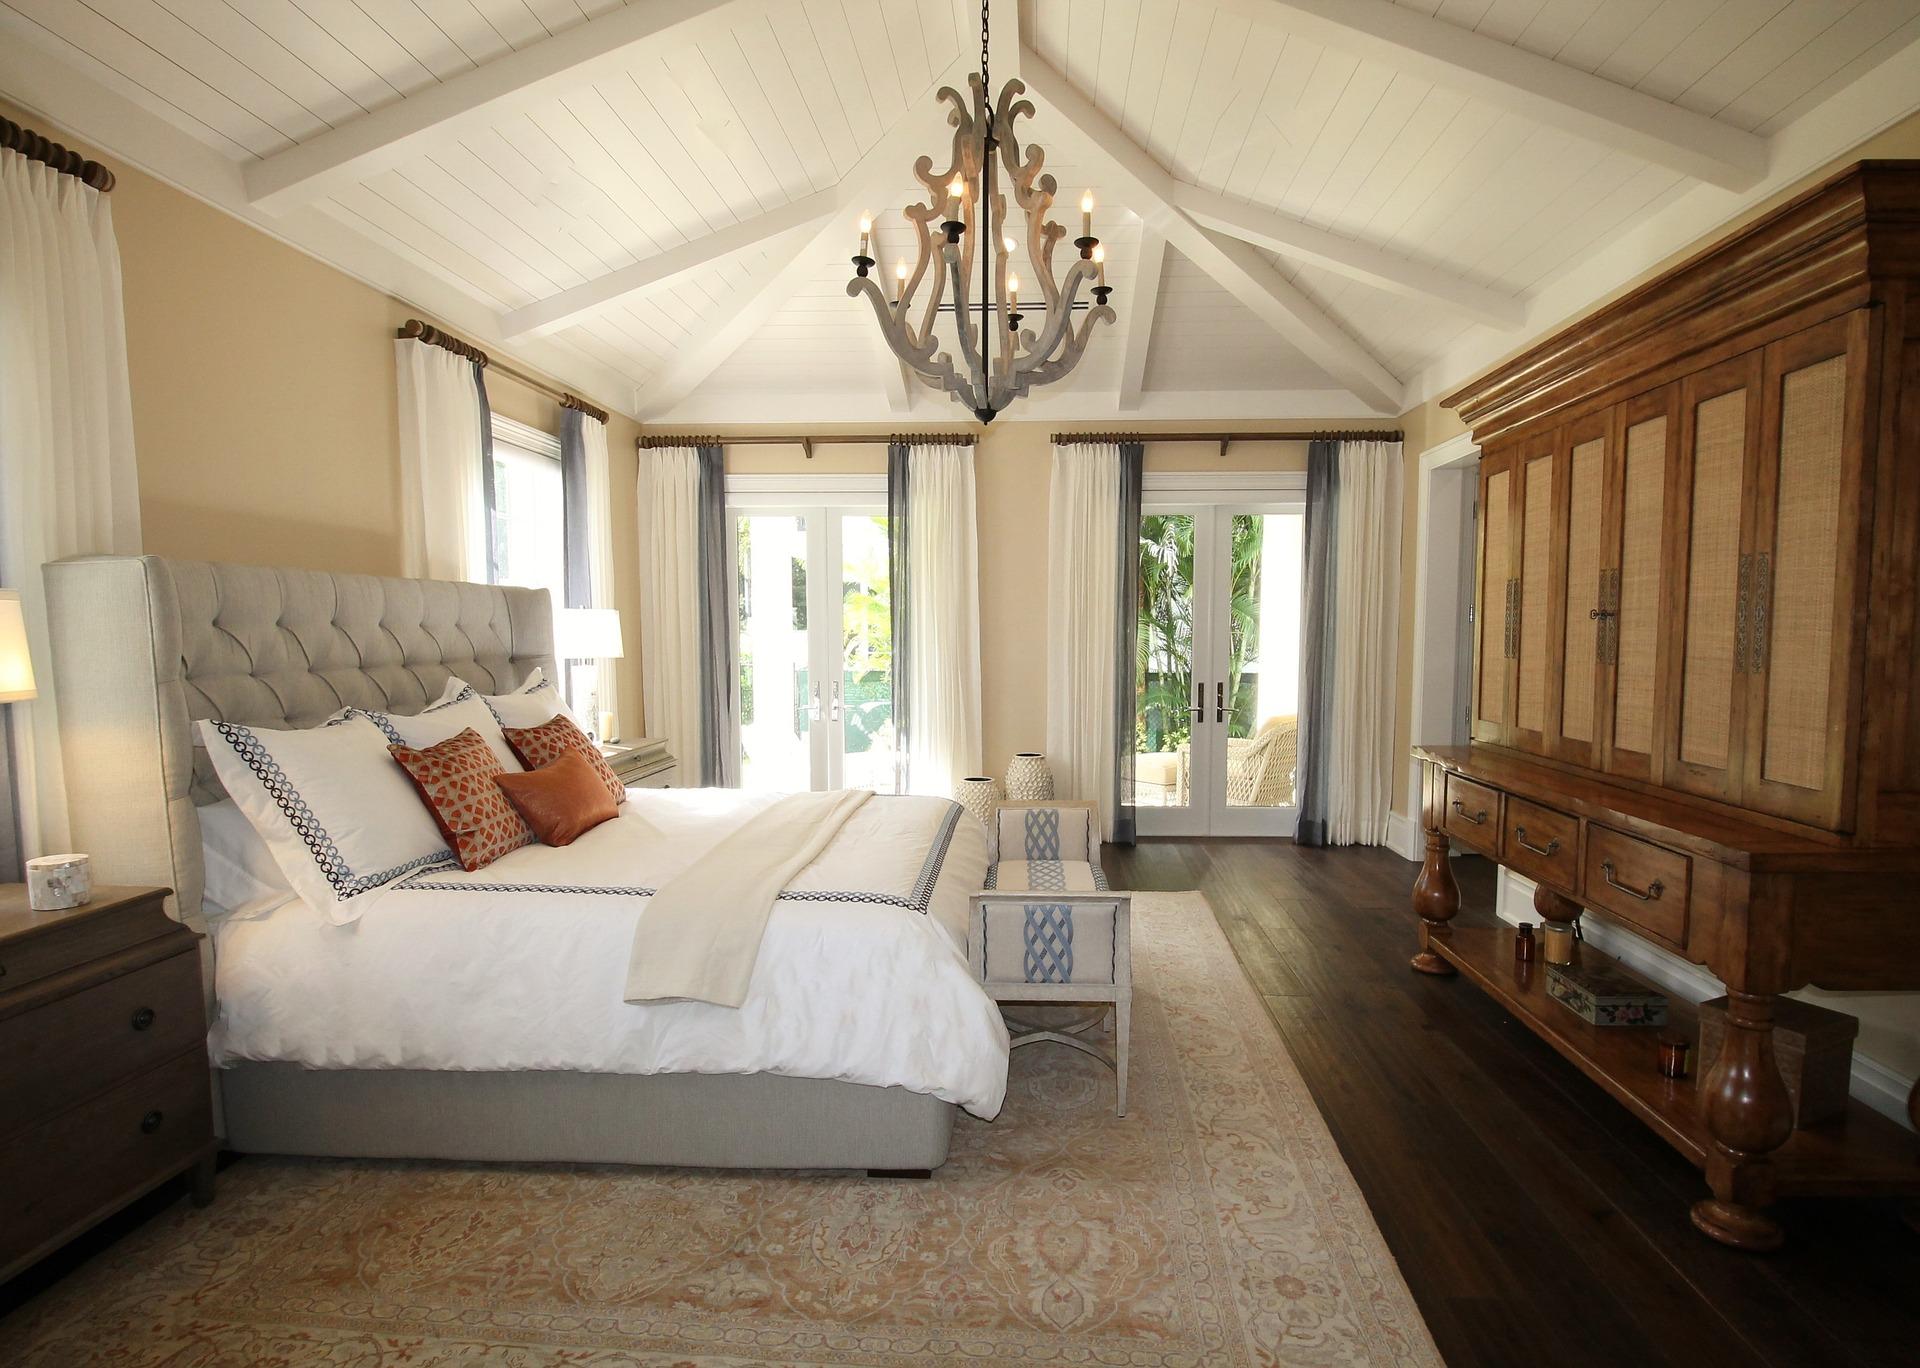 camera da letto feng shui 2